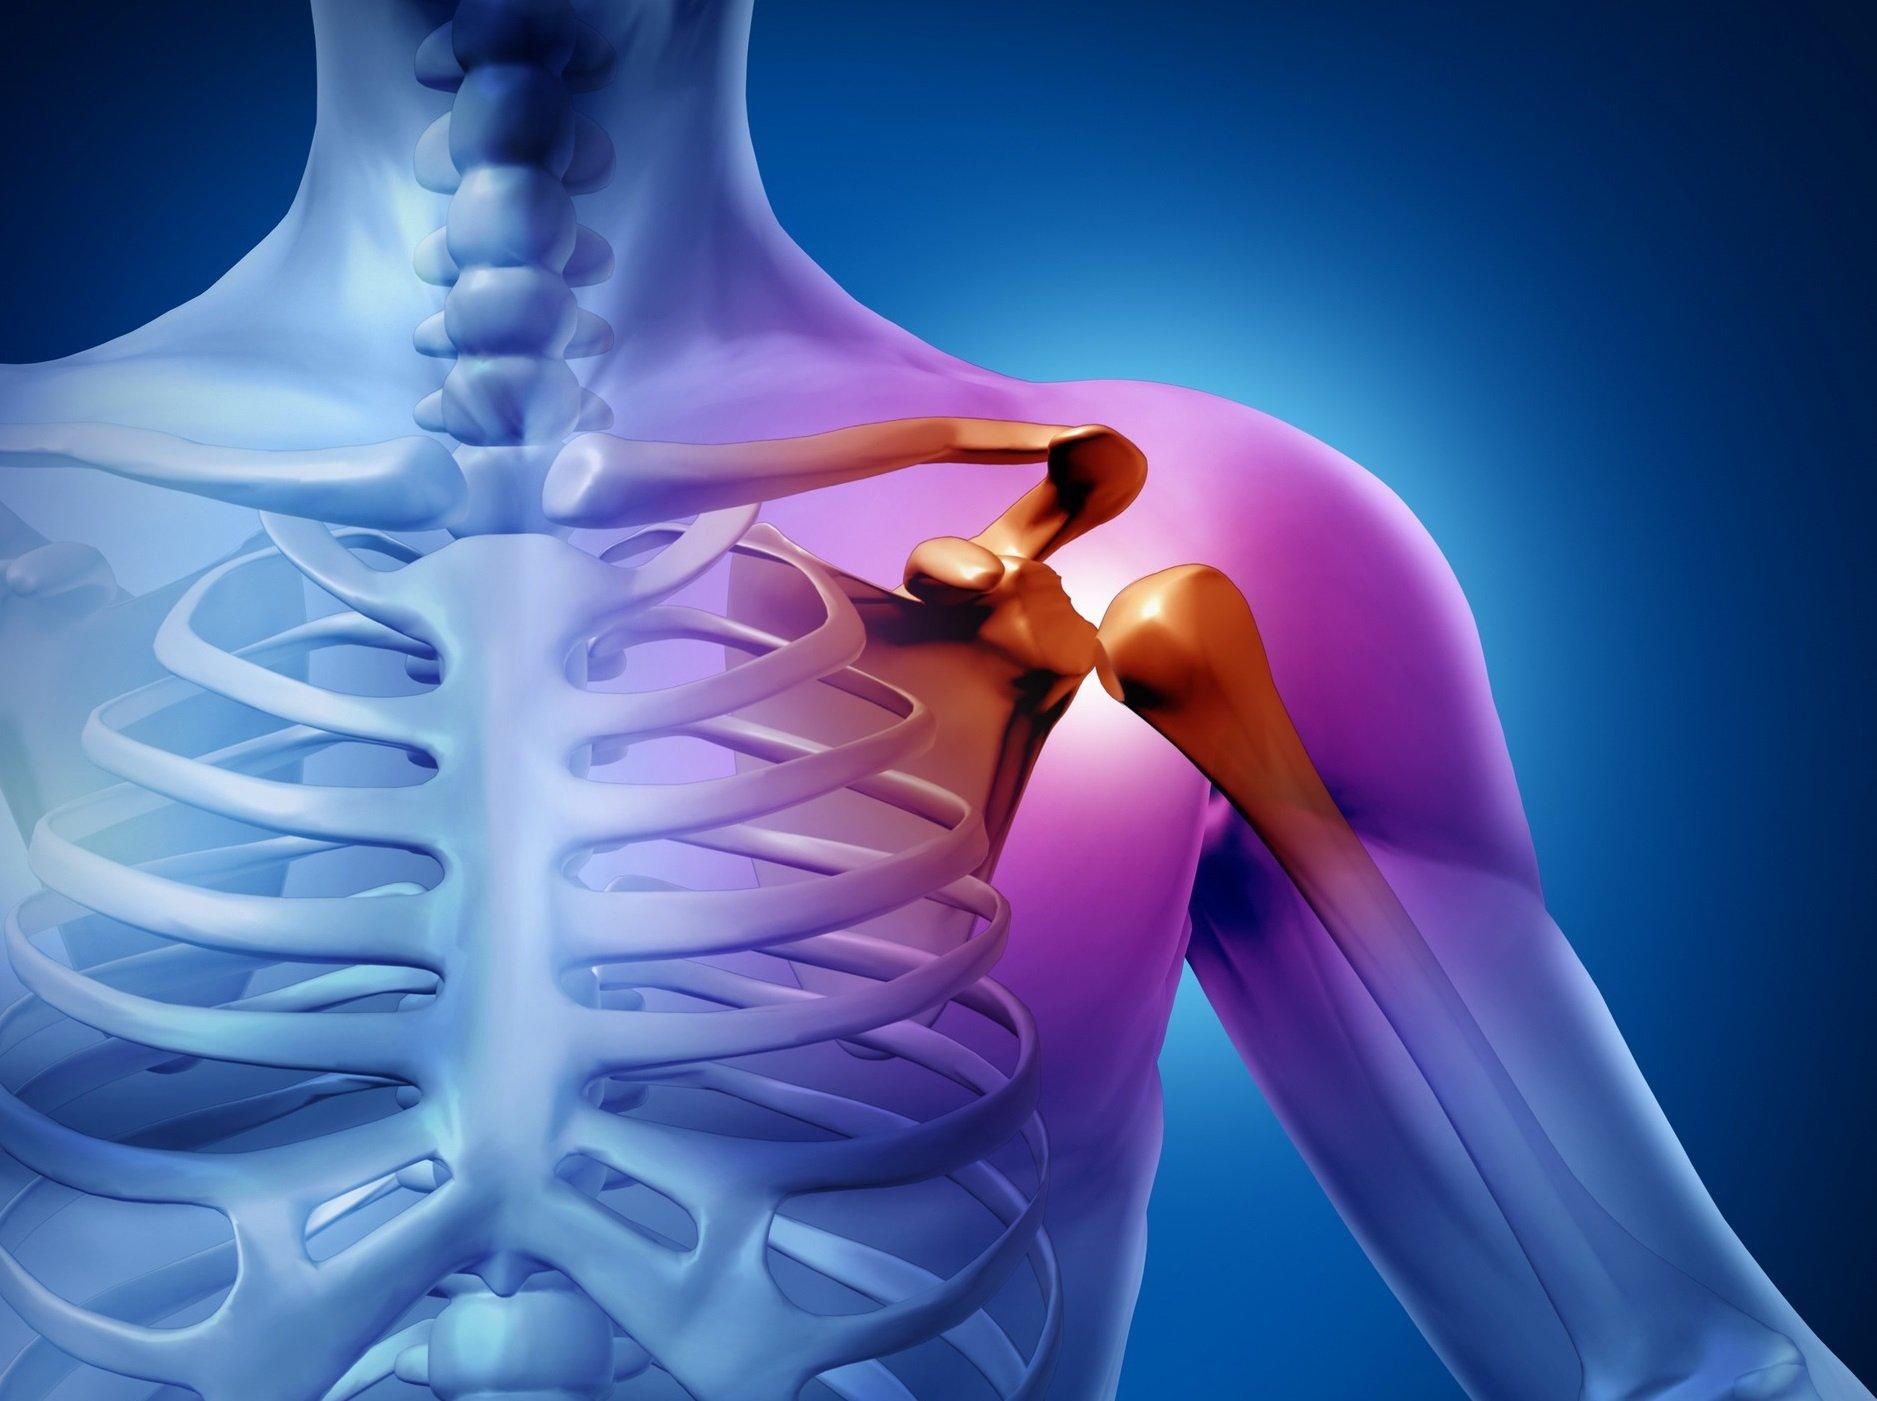 Каменный бурсит плечевого сустава купить ортезы коленного сустава